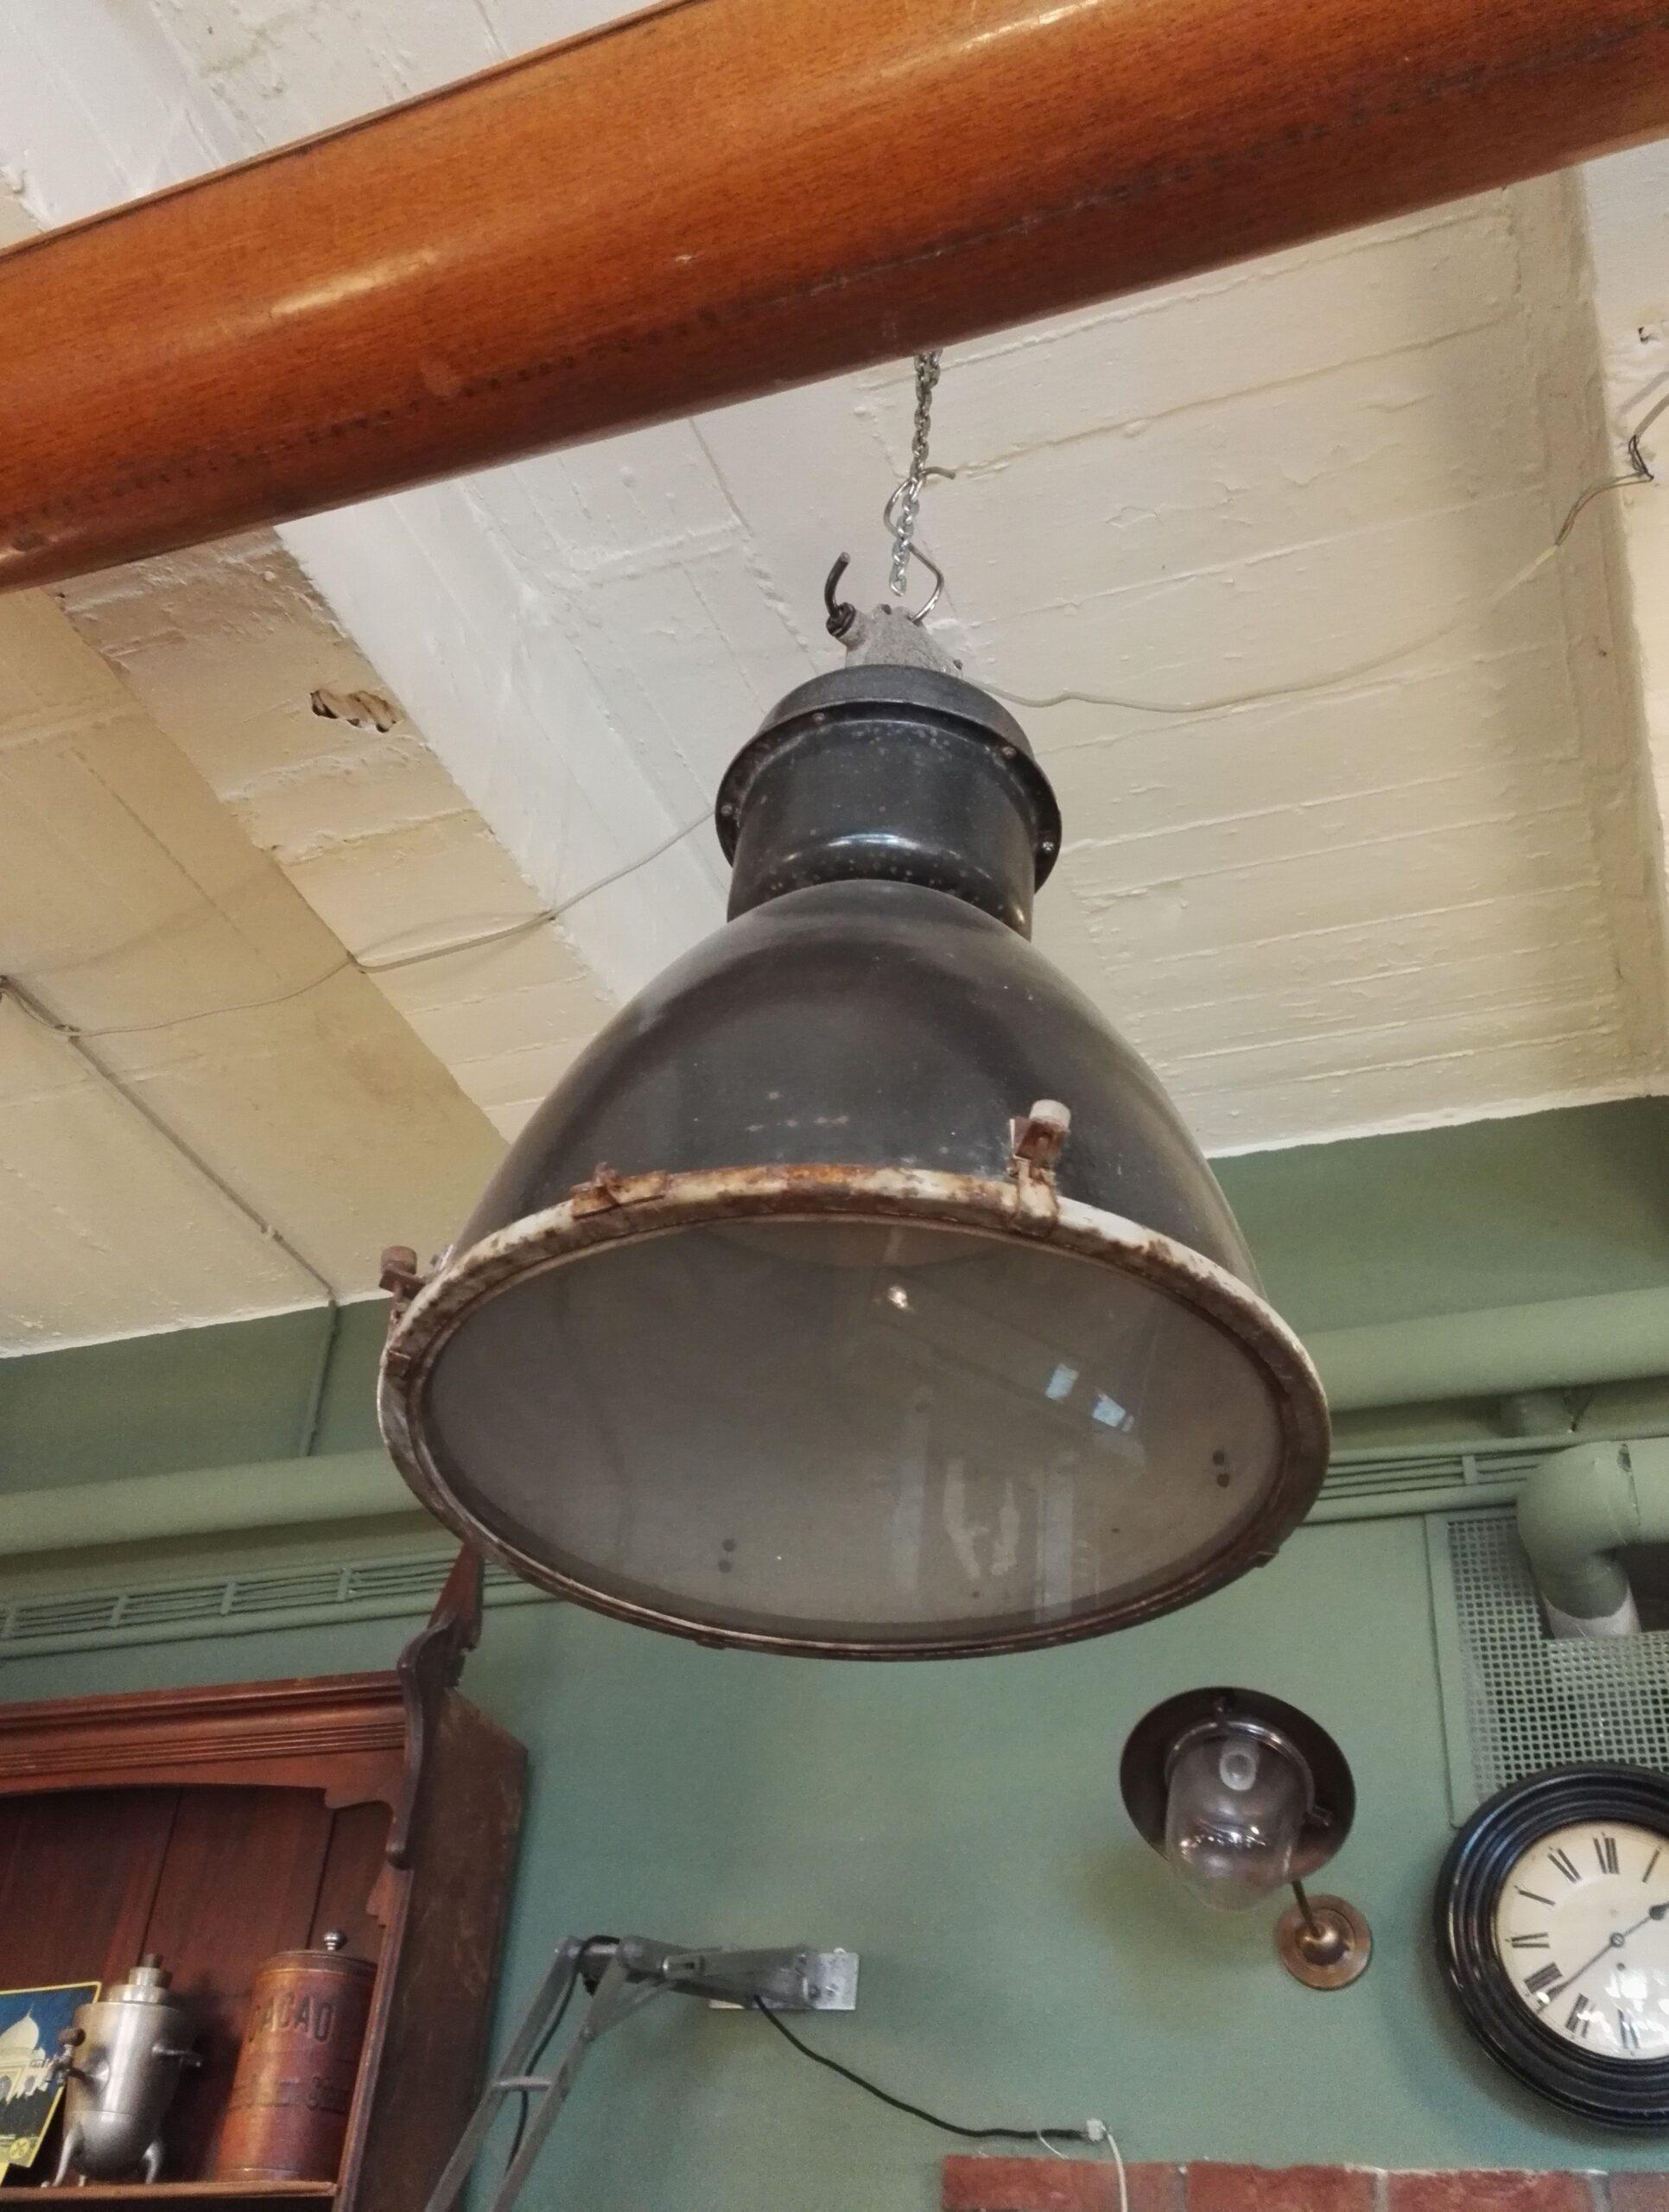 Full Size of Deckenlampe Wohnzimmer Modern Deckenlampen Vintageindustrialindustrielampedeckenleuchtedeckenlampe Dekoration Deckenleuchten Großes Bild Fototapeten Wohnzimmer Deckenlampe Wohnzimmer Modern